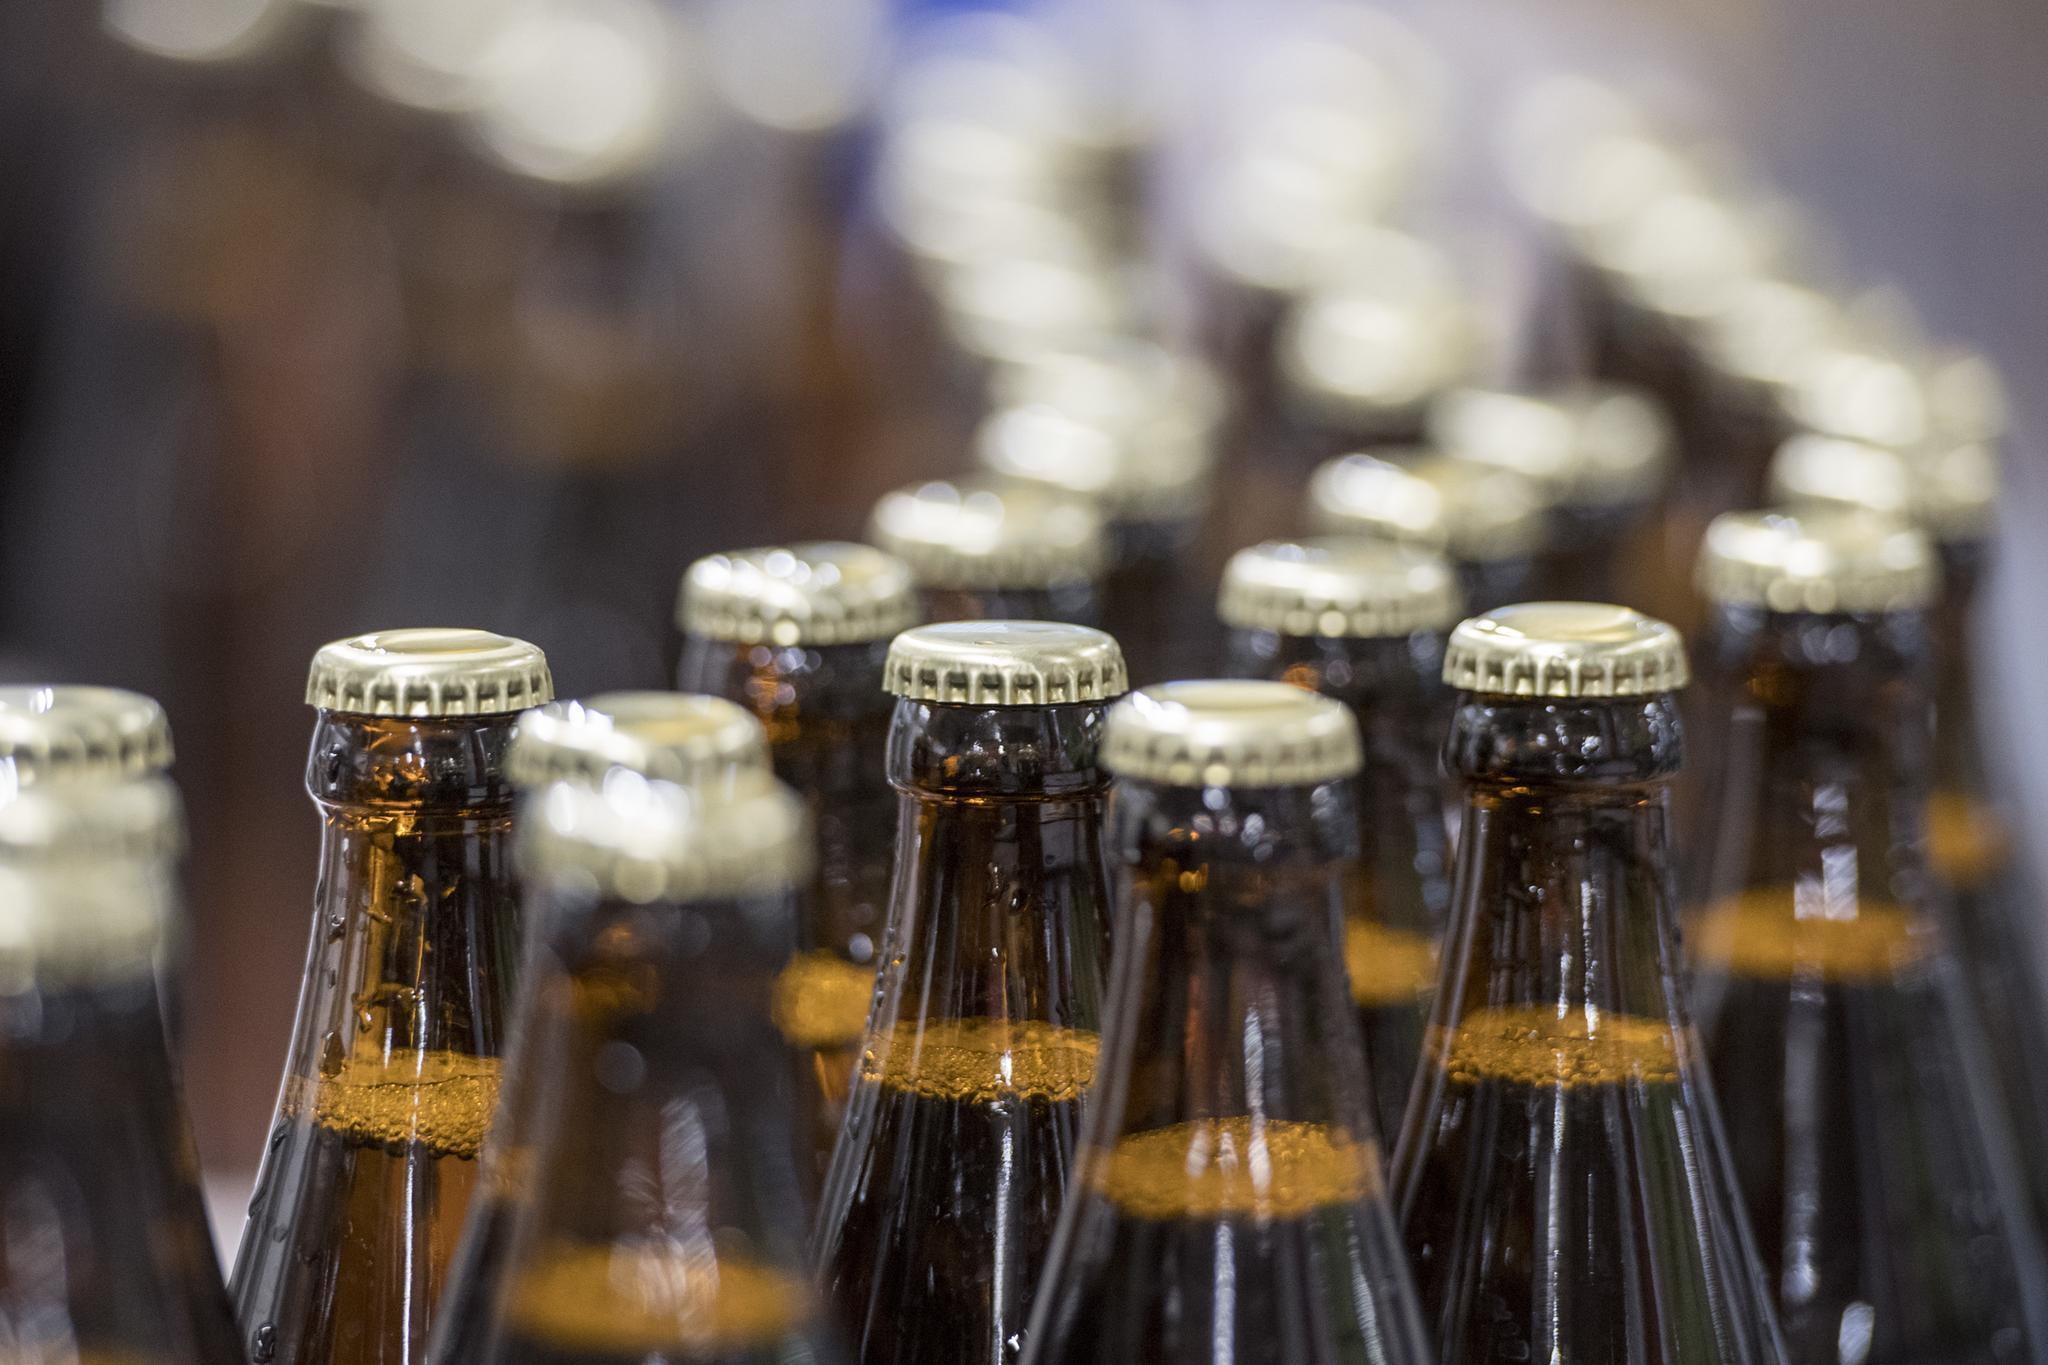 Bier, Wein und Co.: Wie viel Alkohol verkürzt das Leben? | STERN.de